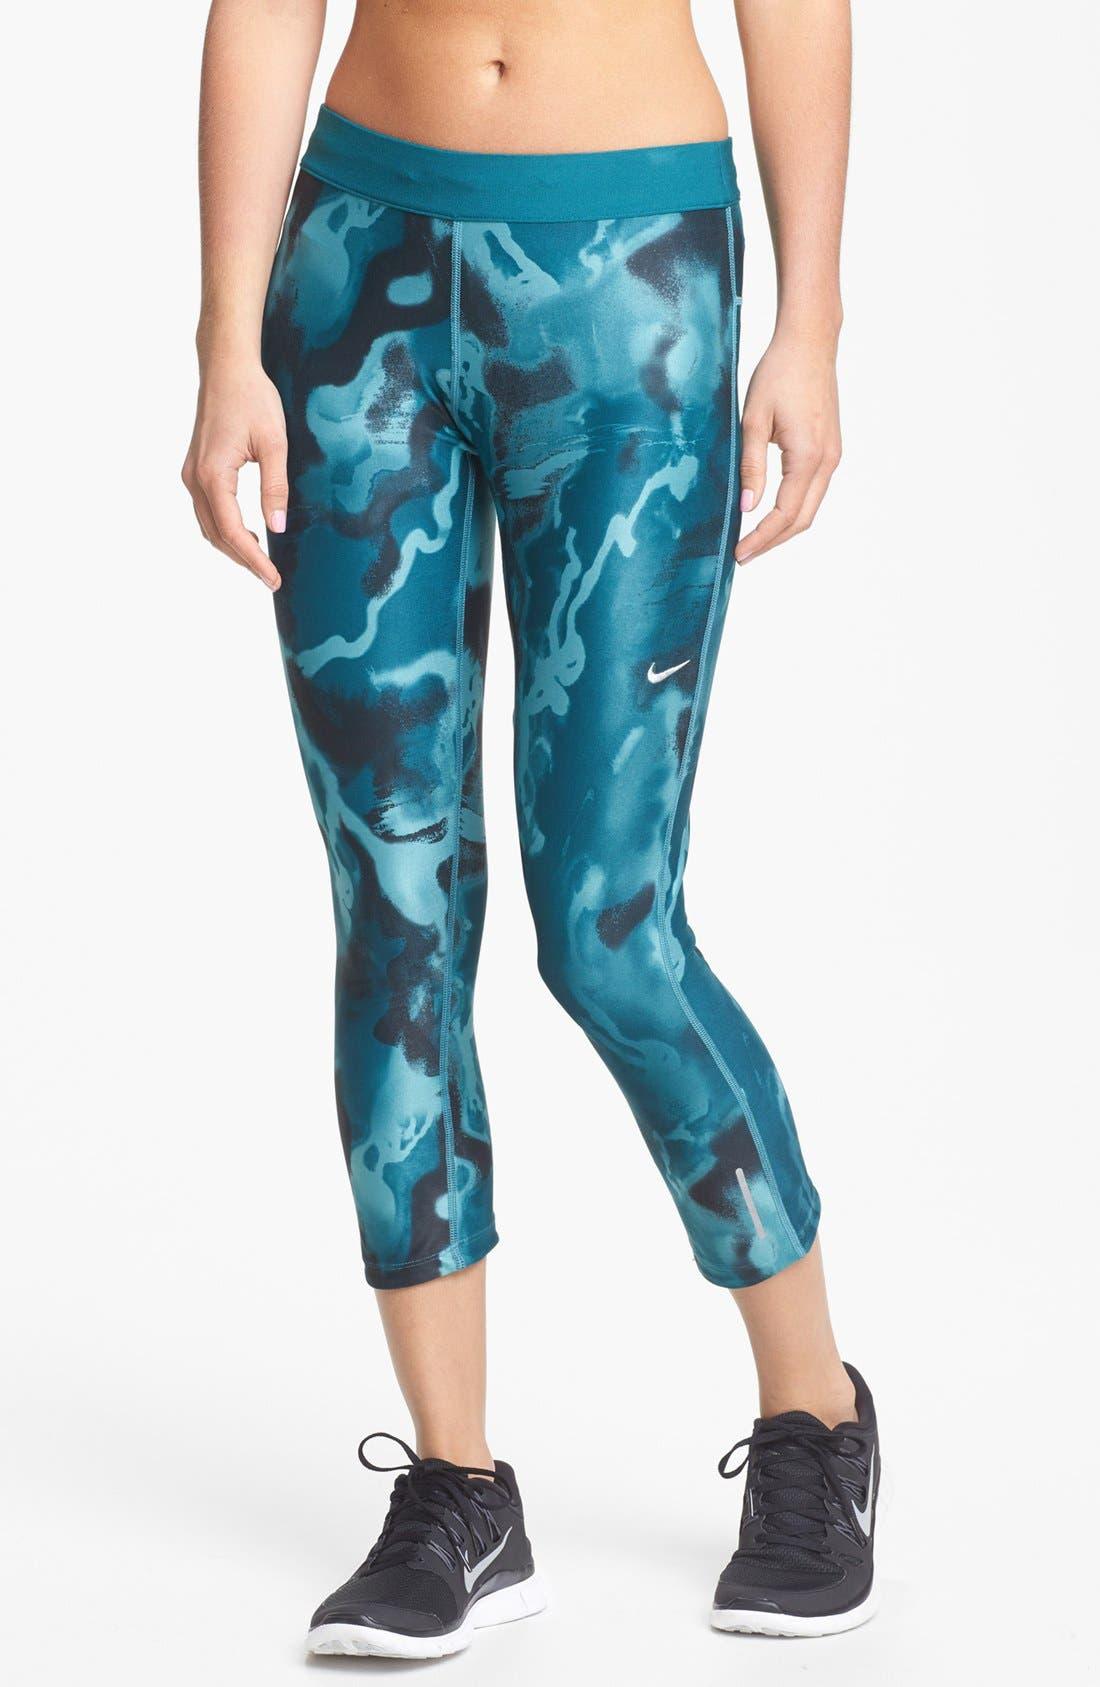 Alternate Image 1 Selected - Nike 'Twisty' Print Crop Running Pants